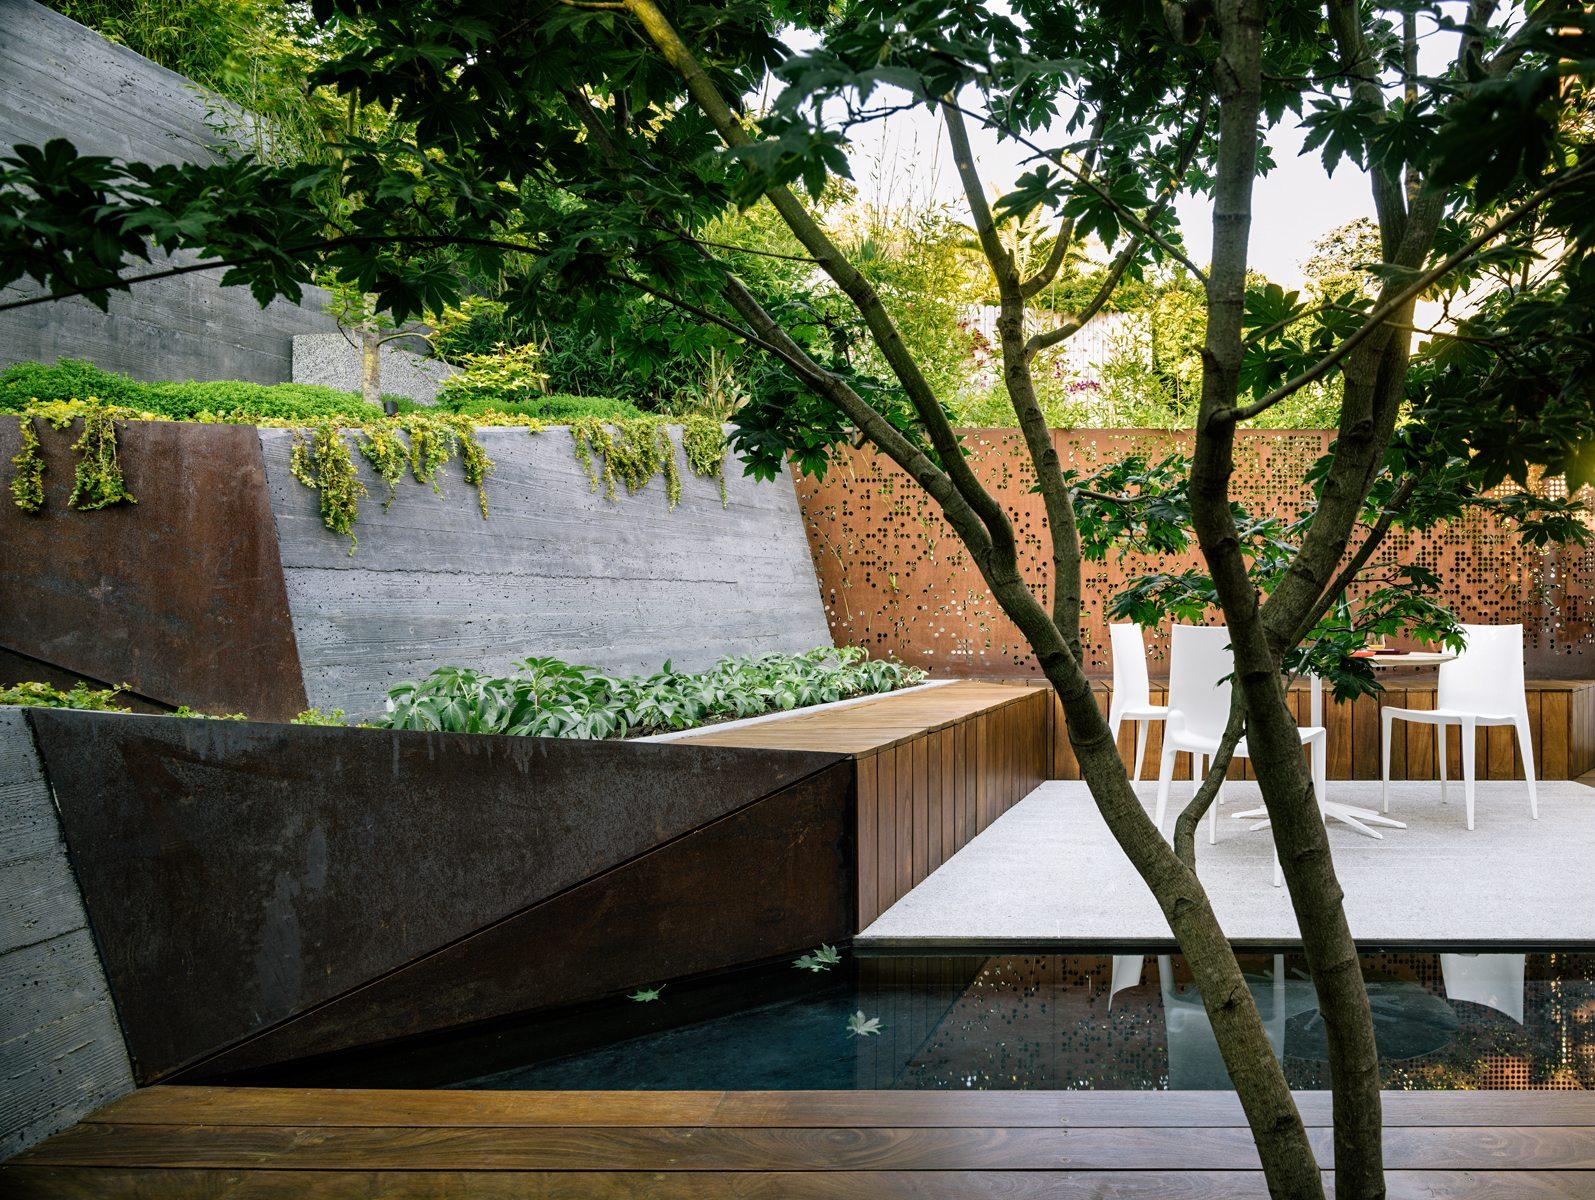 Casa de ensueño: con este jardín… a quién le importa cómo sea la casa